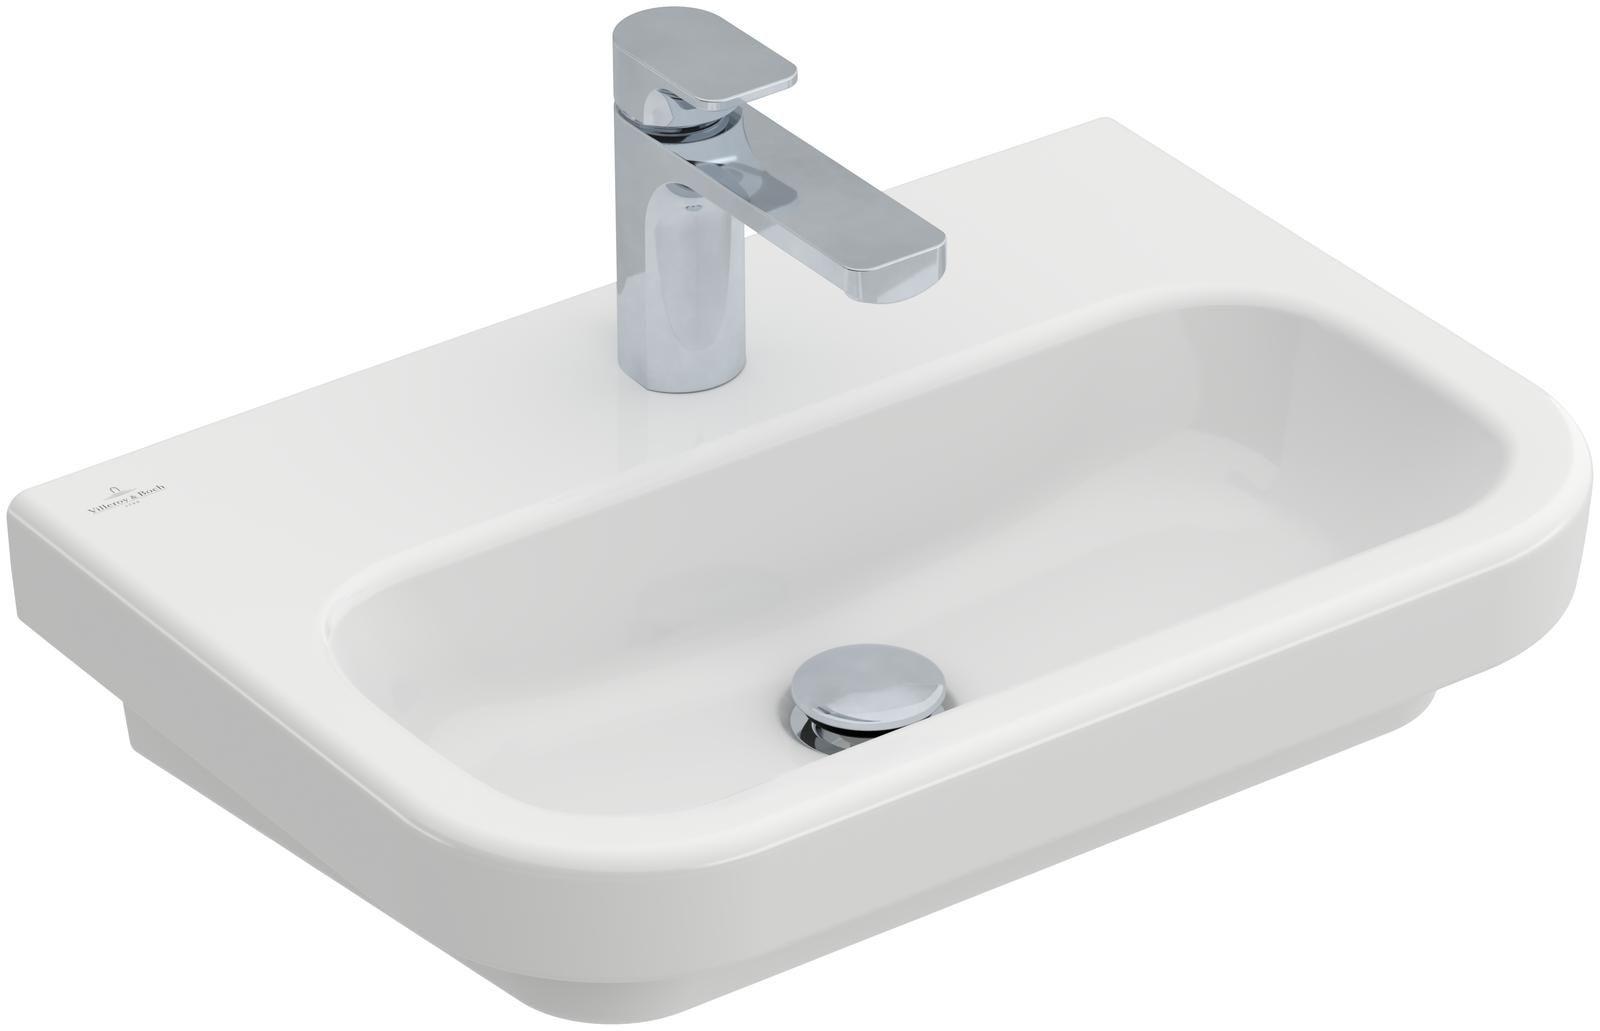 Villeroy & Boch Architectura Compact Waschtisch B:55xT:38cm mit 1 Hahnloch ohne Überlauf weiß 41895601